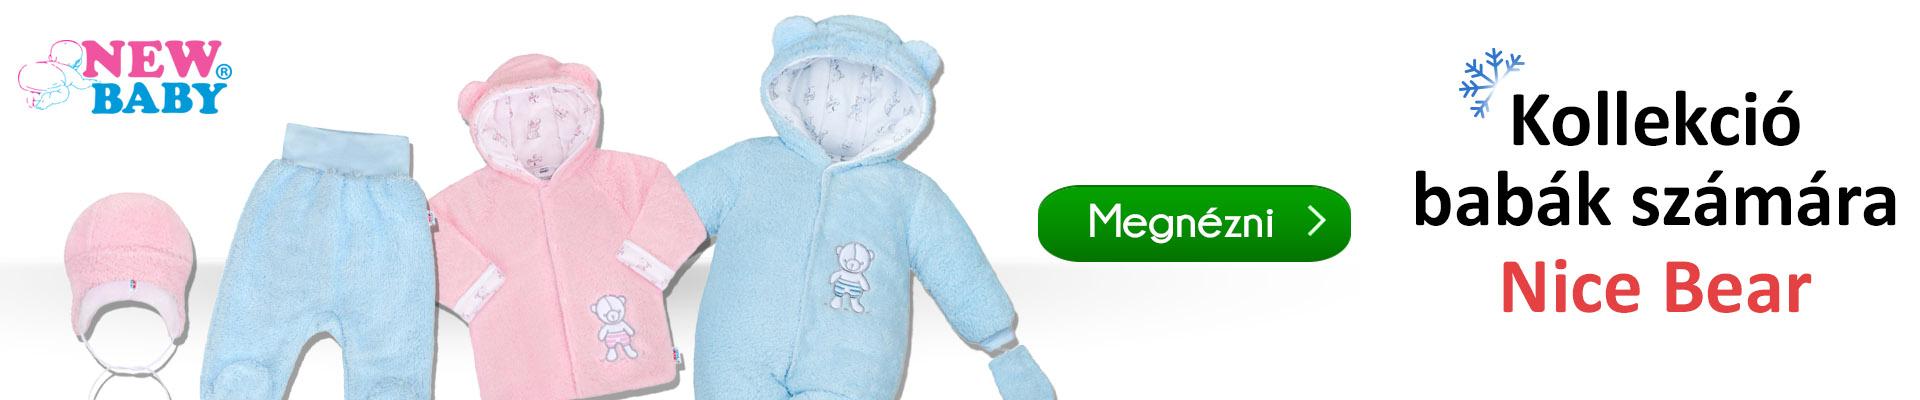 27757e1cf7 A kényelem és a minőség kedvelői számára a New Baby Nice Bear aranyos téli  kollekcióját tervezték. A kislányok és a kisfiúk a plüss darabokban nagyon  ...